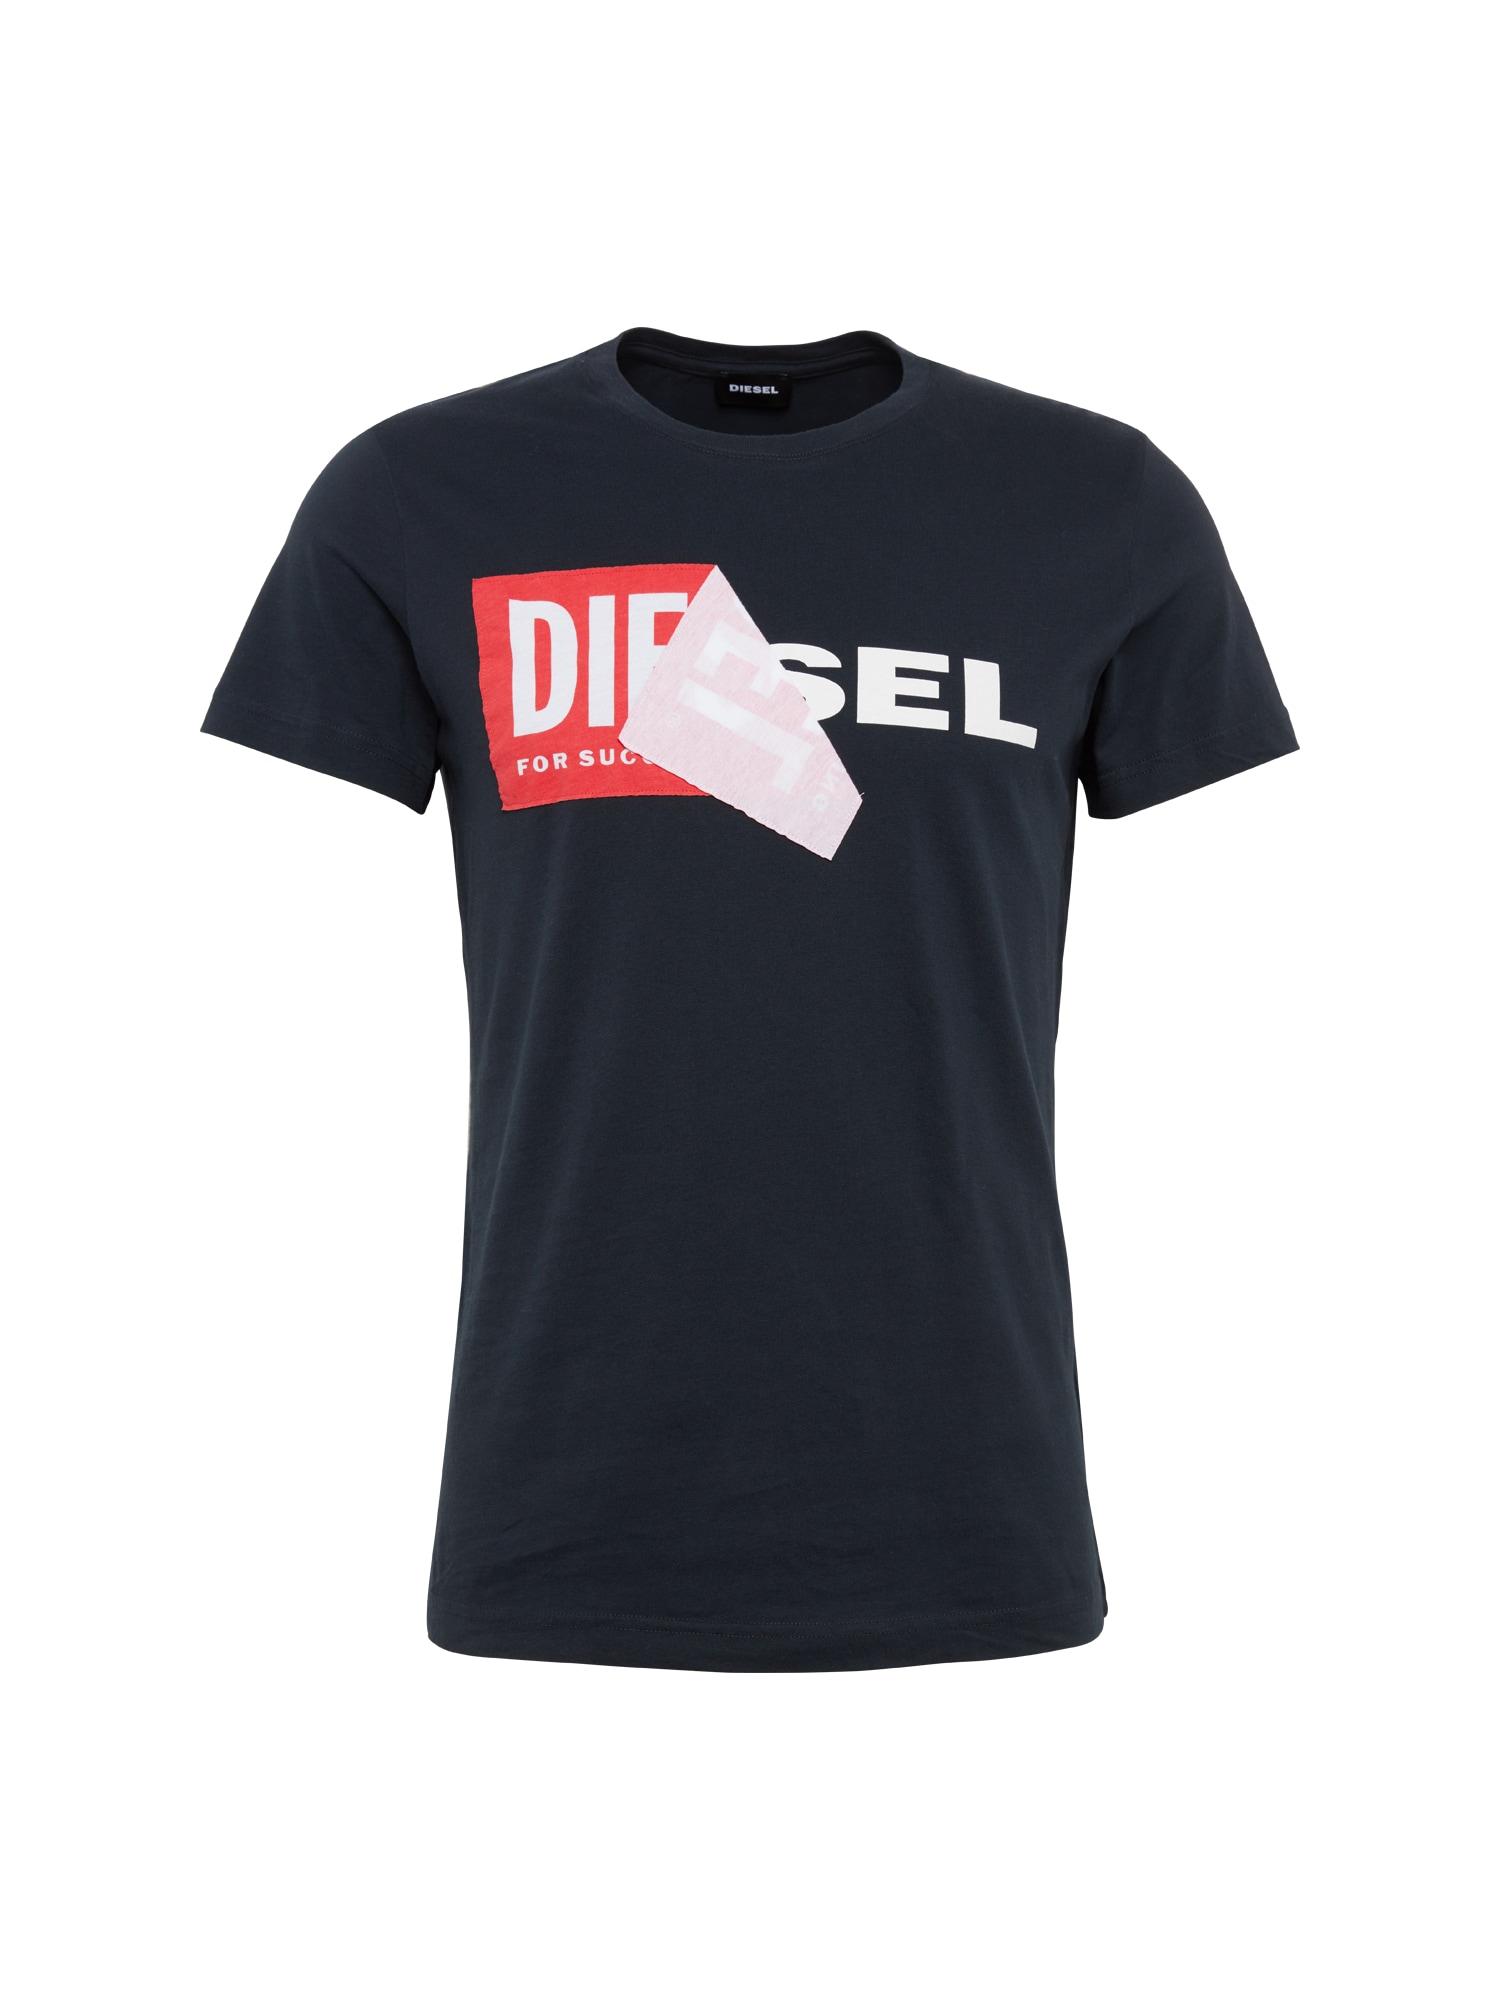 DIESEL Heren Shirt T-DIEGO-QA zwart